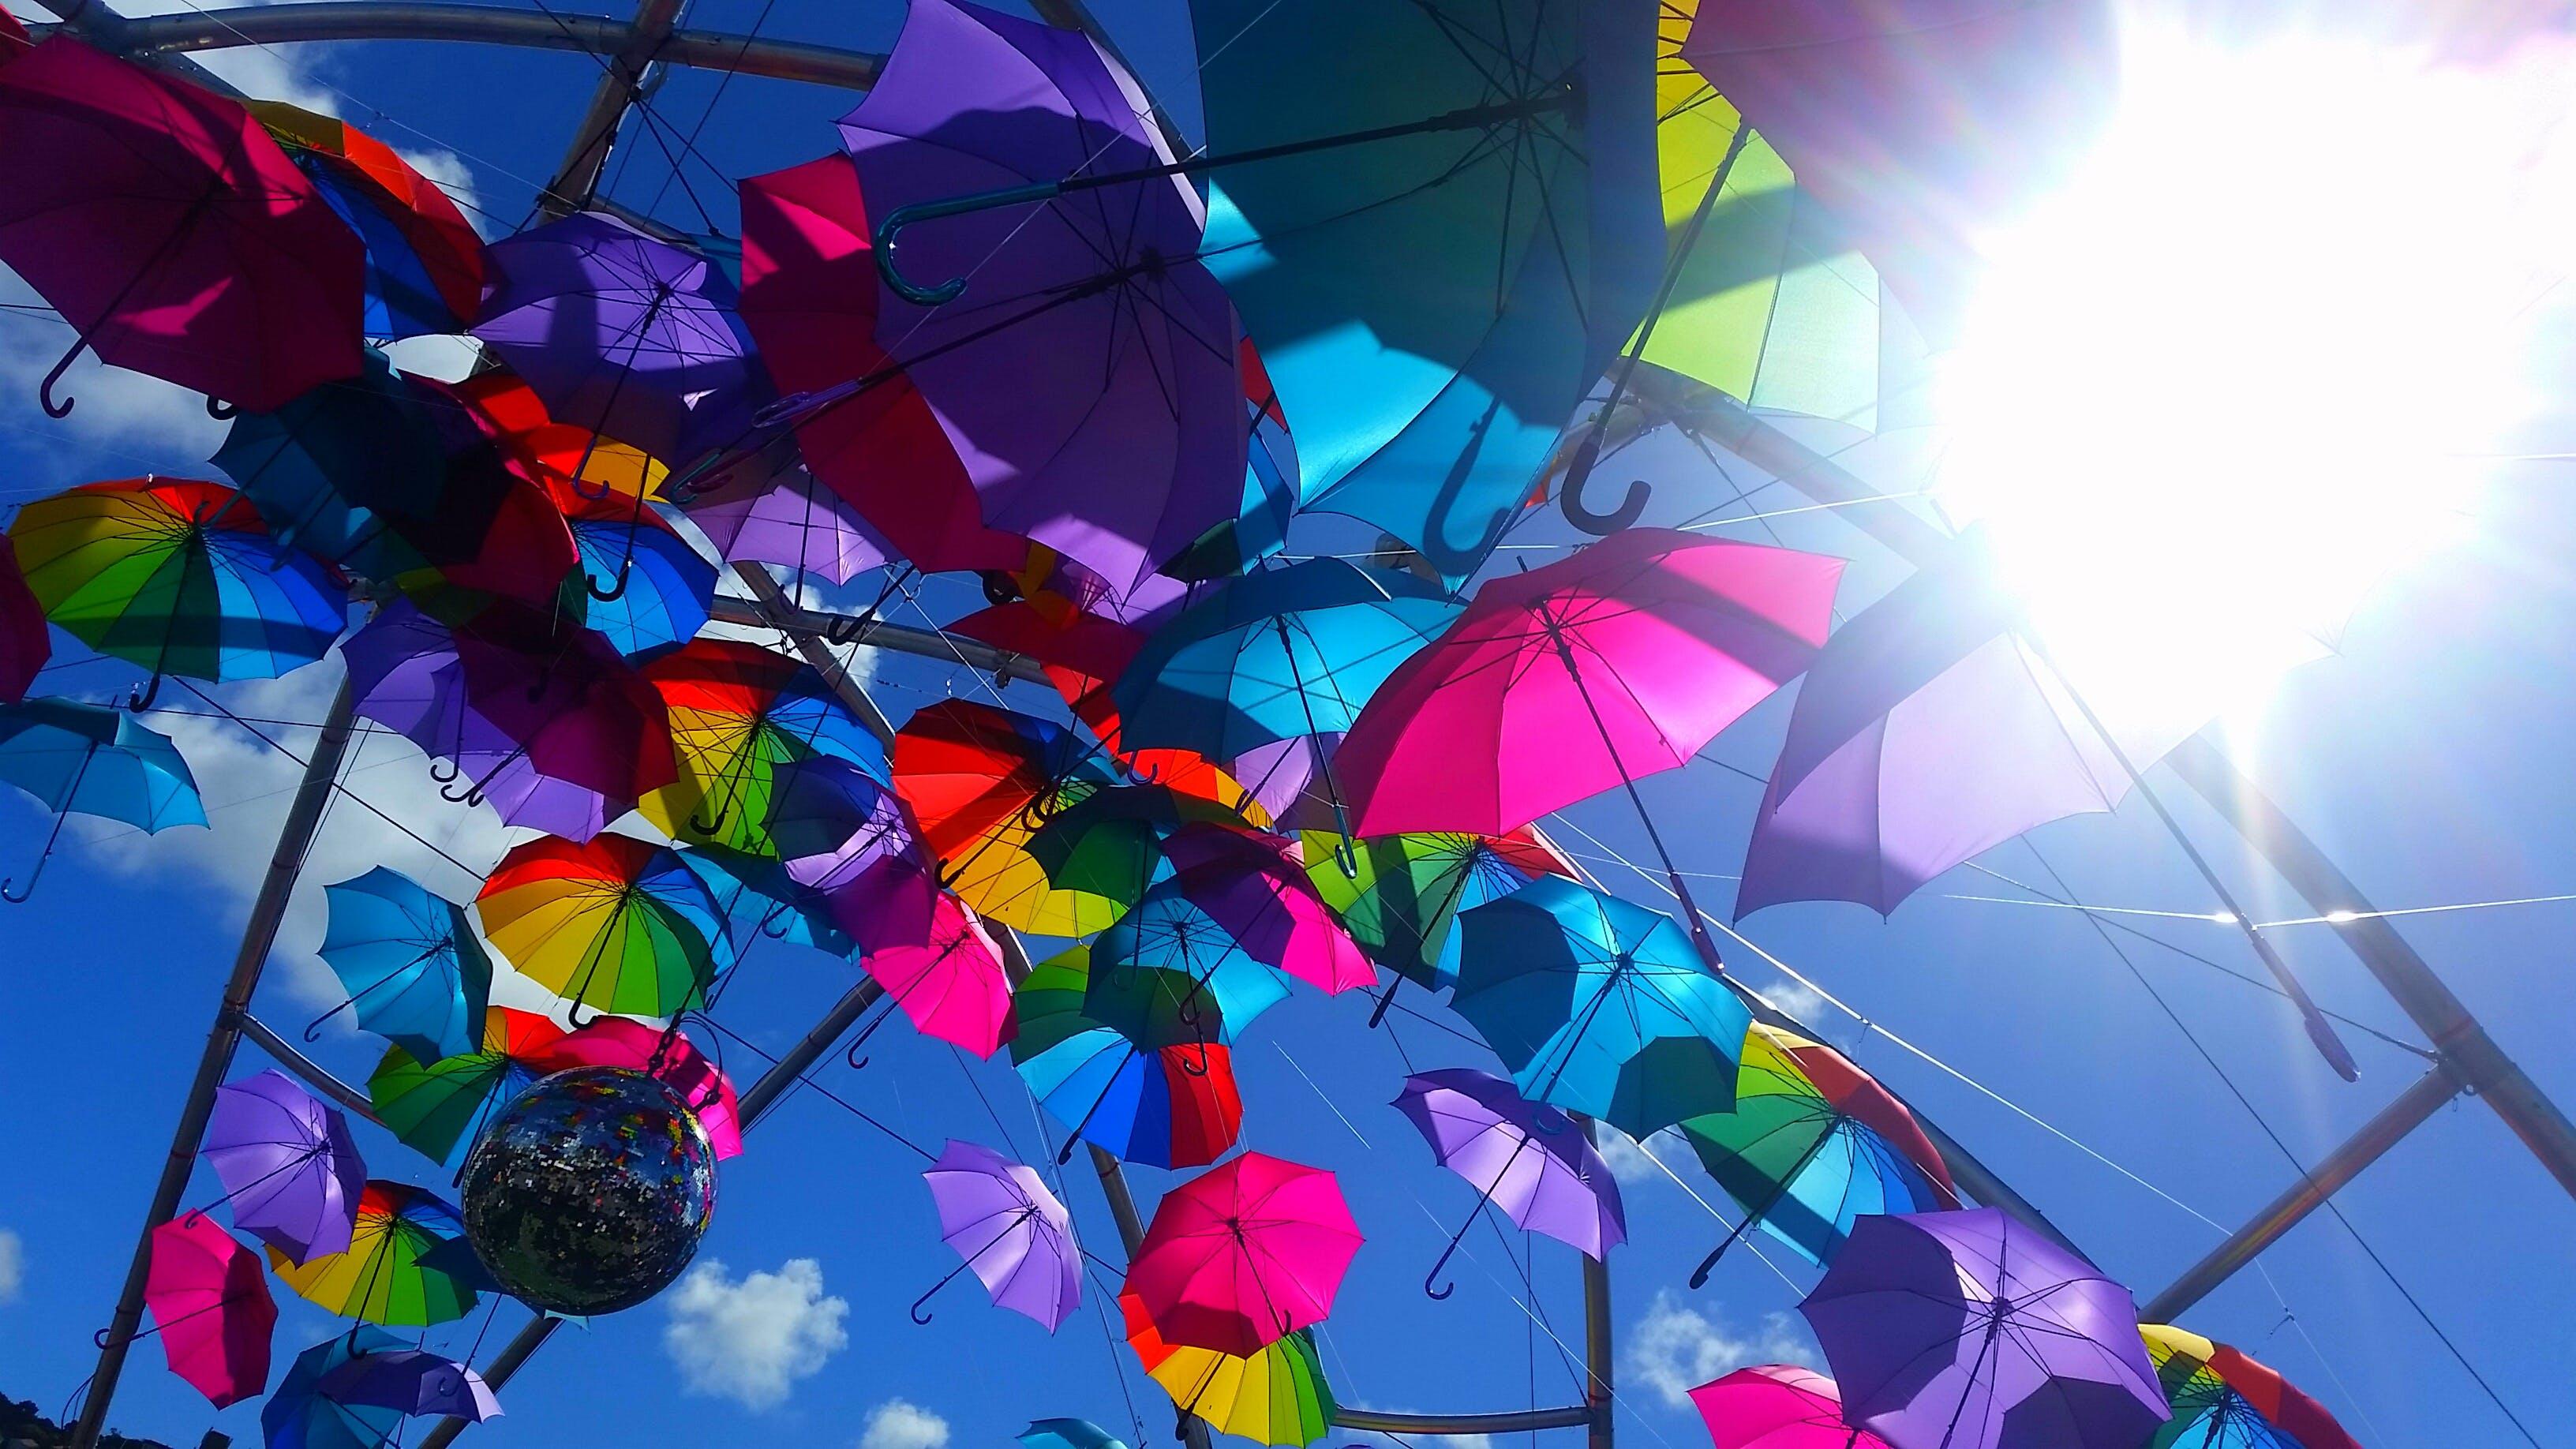 Free stock photo of sky, sun, blue sky, color